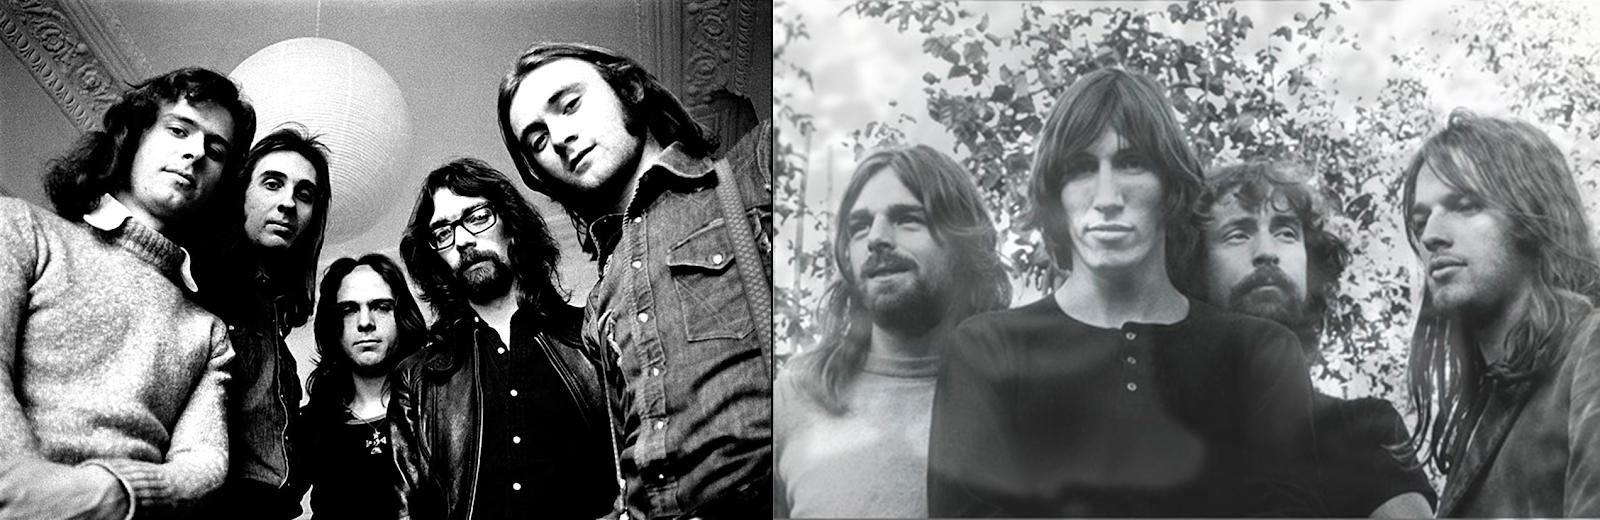 2ª Semifinal: Genesis vs. Pink Floyd Genesis%2B-%2BPink%2BFloyd